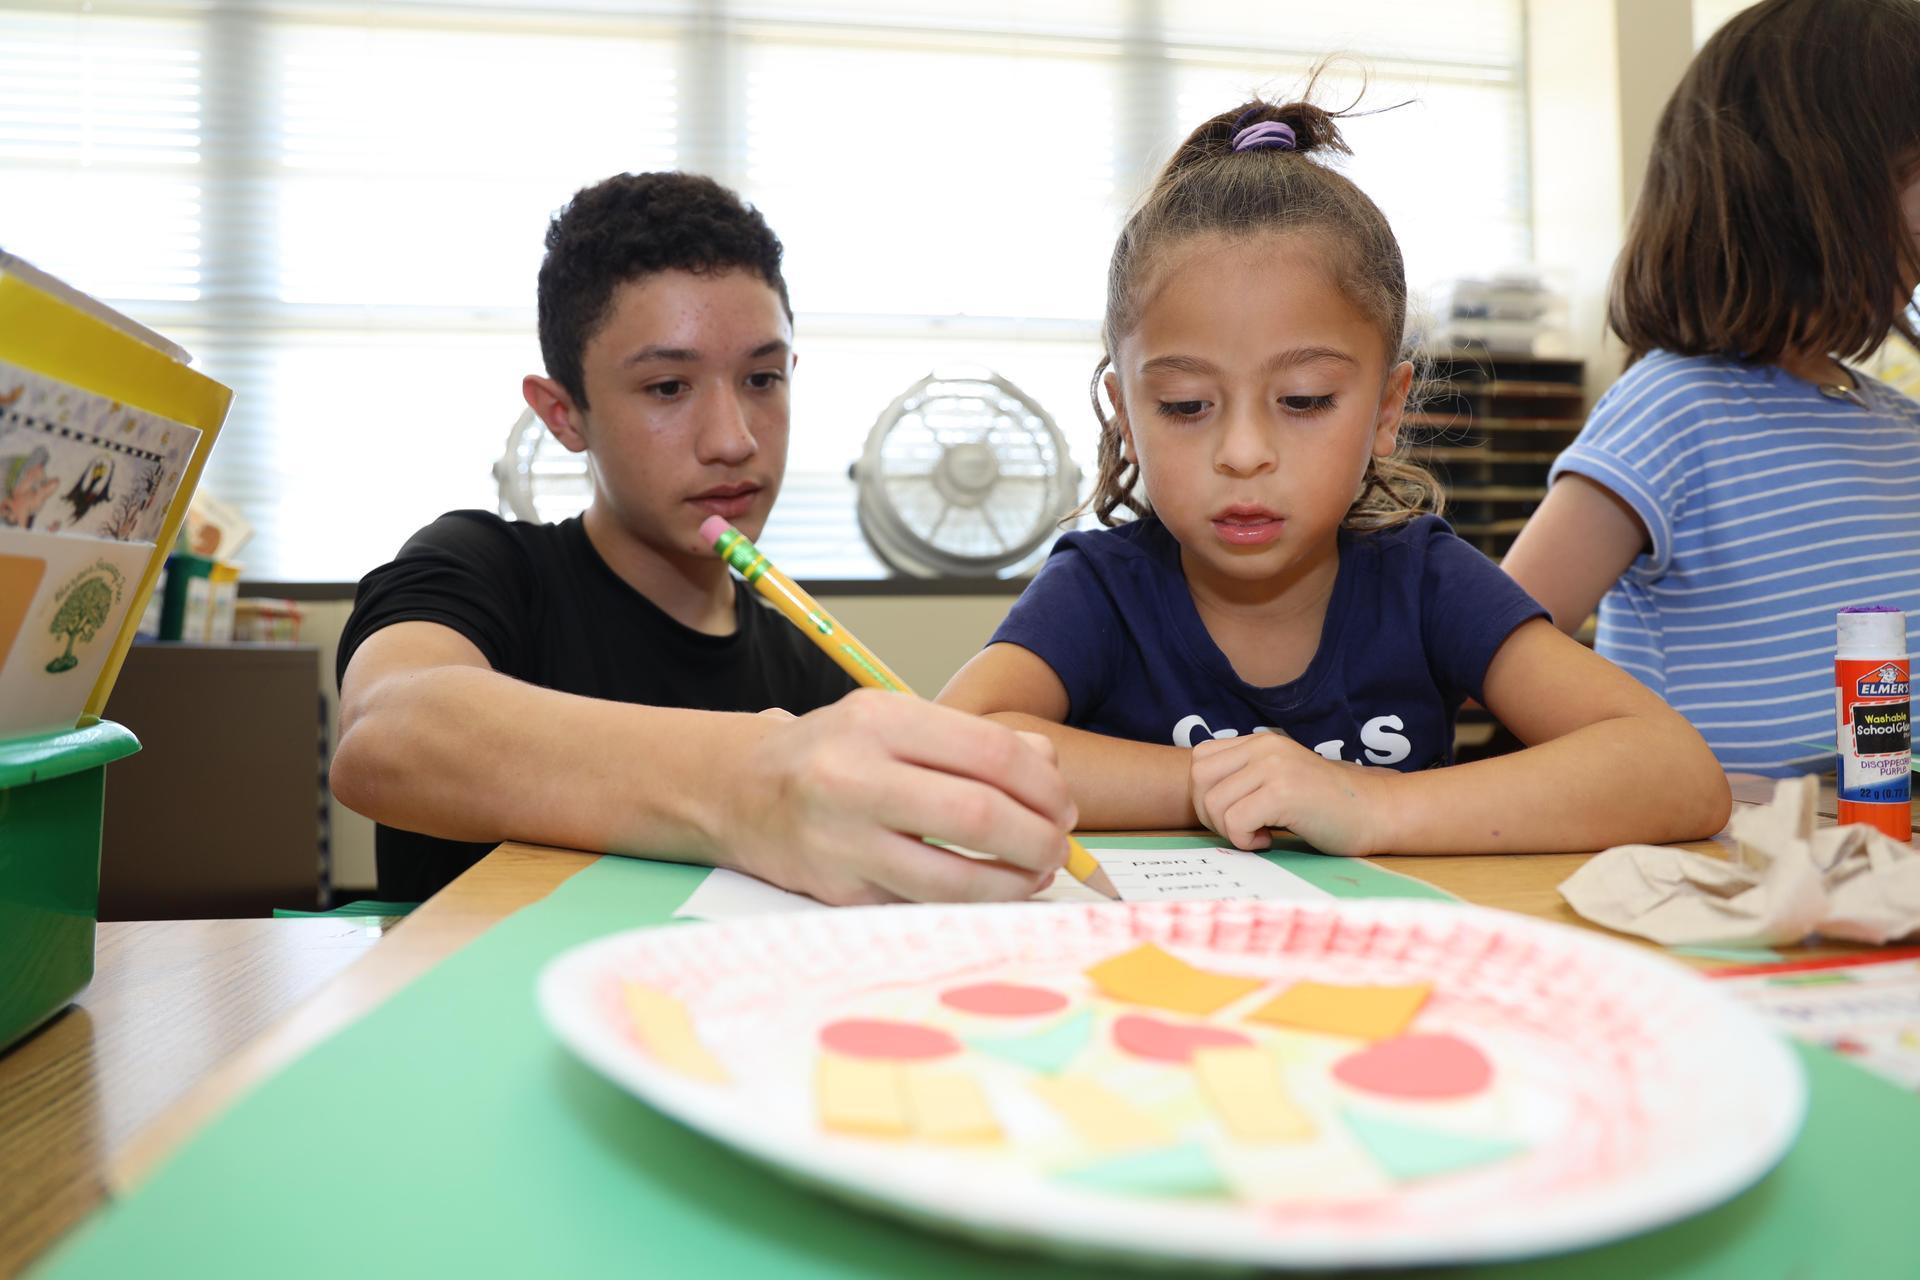 Bonnette students mentor Carpenter children